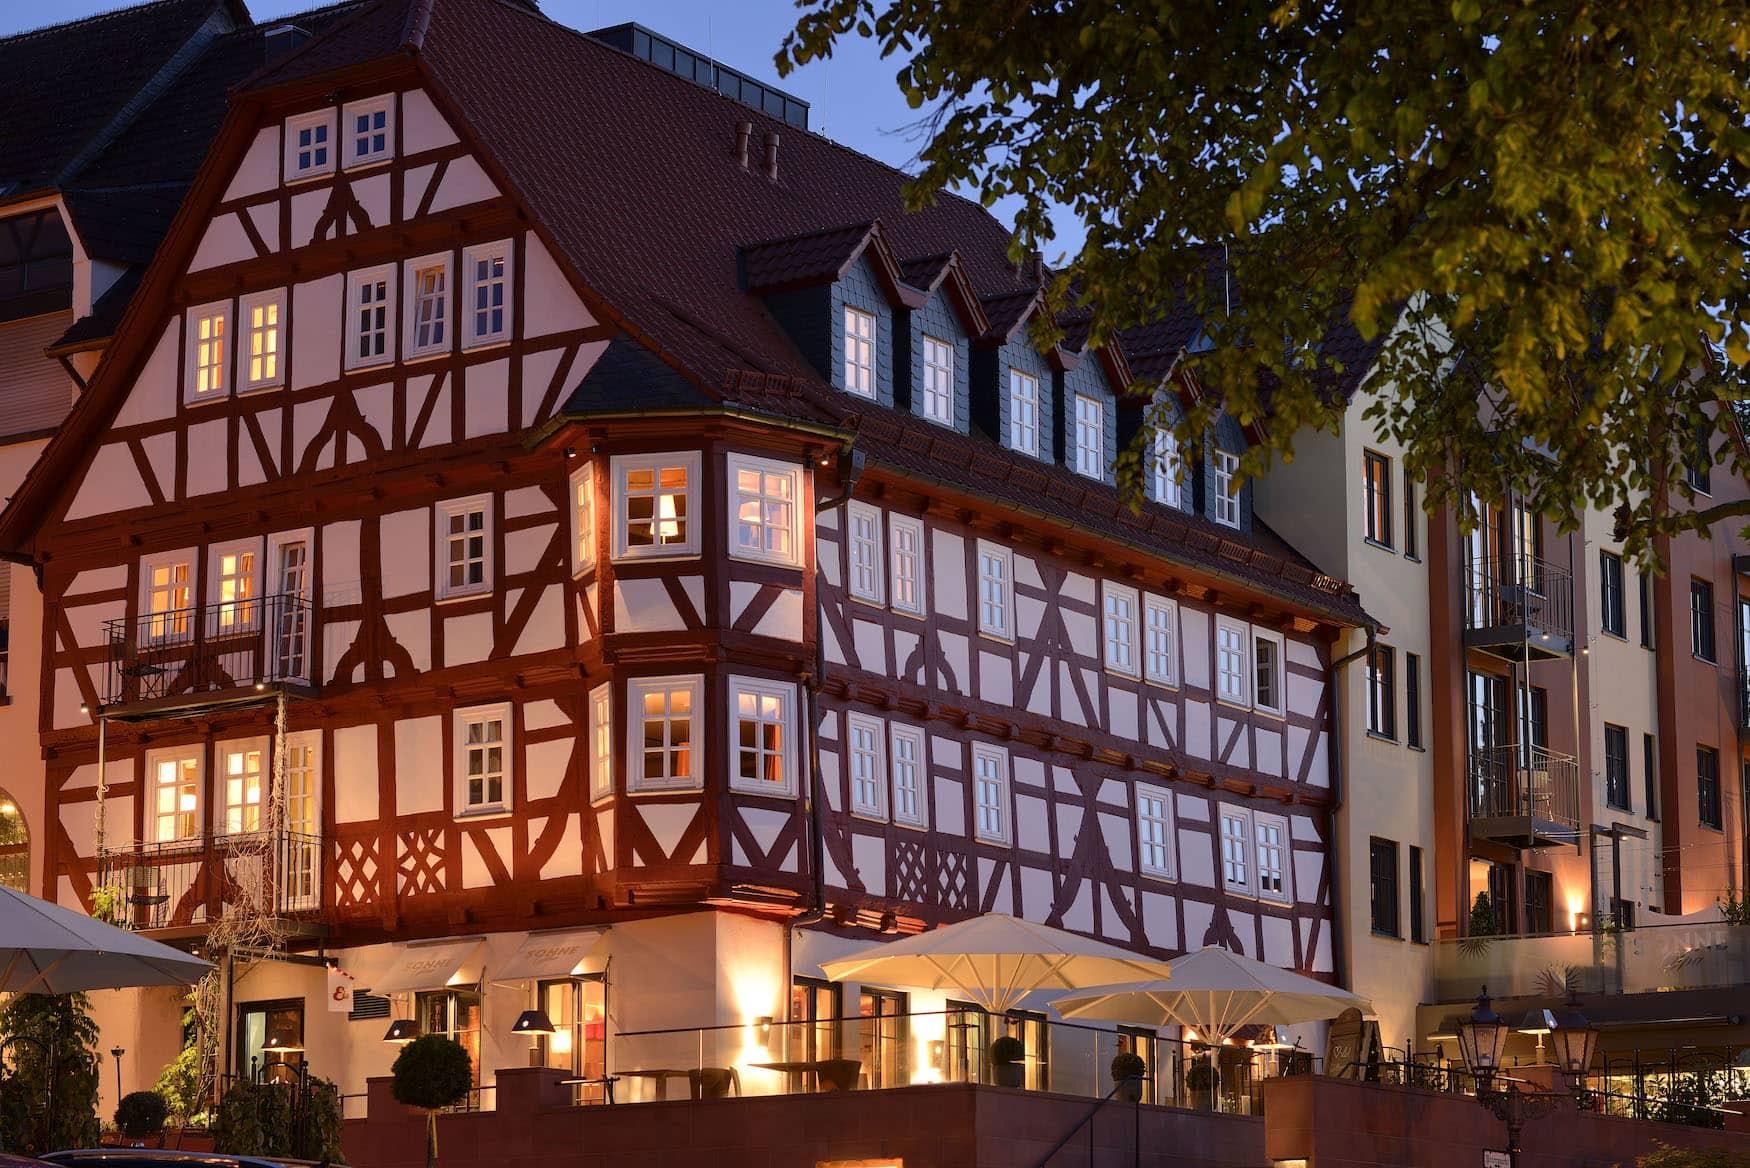 Fassade des Hotel Die Sonne Frankenberg am Abend